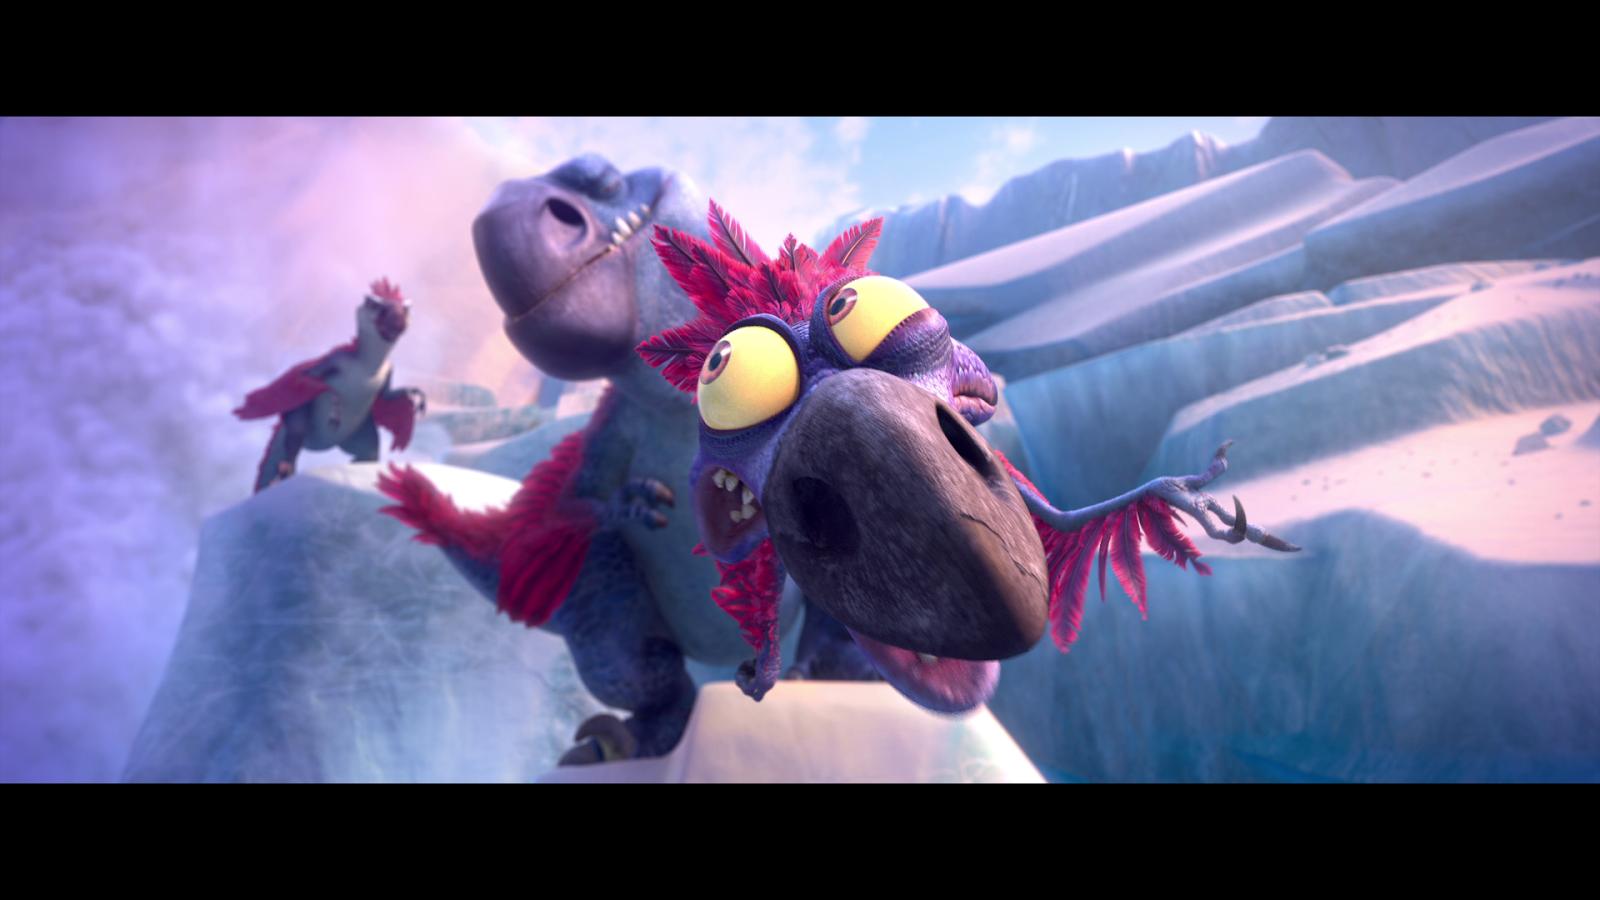 La Era De Hielo Choque De Mundos (2016) 1080p BD25 2D y 3D 4